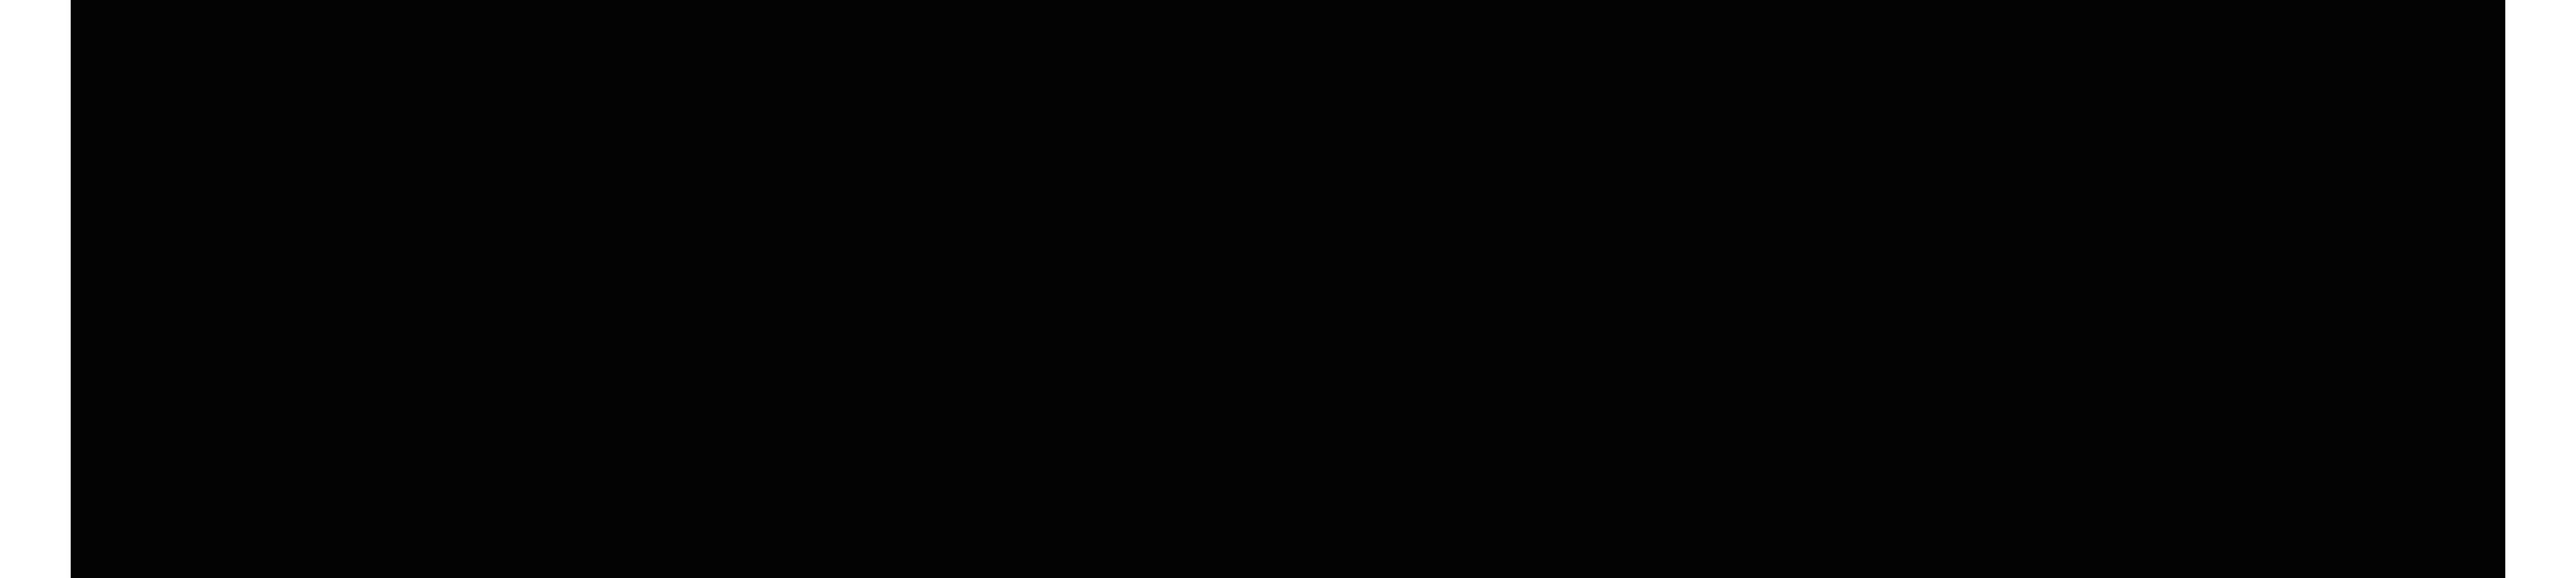 3x3SBT2021-Master-VALLADOLID